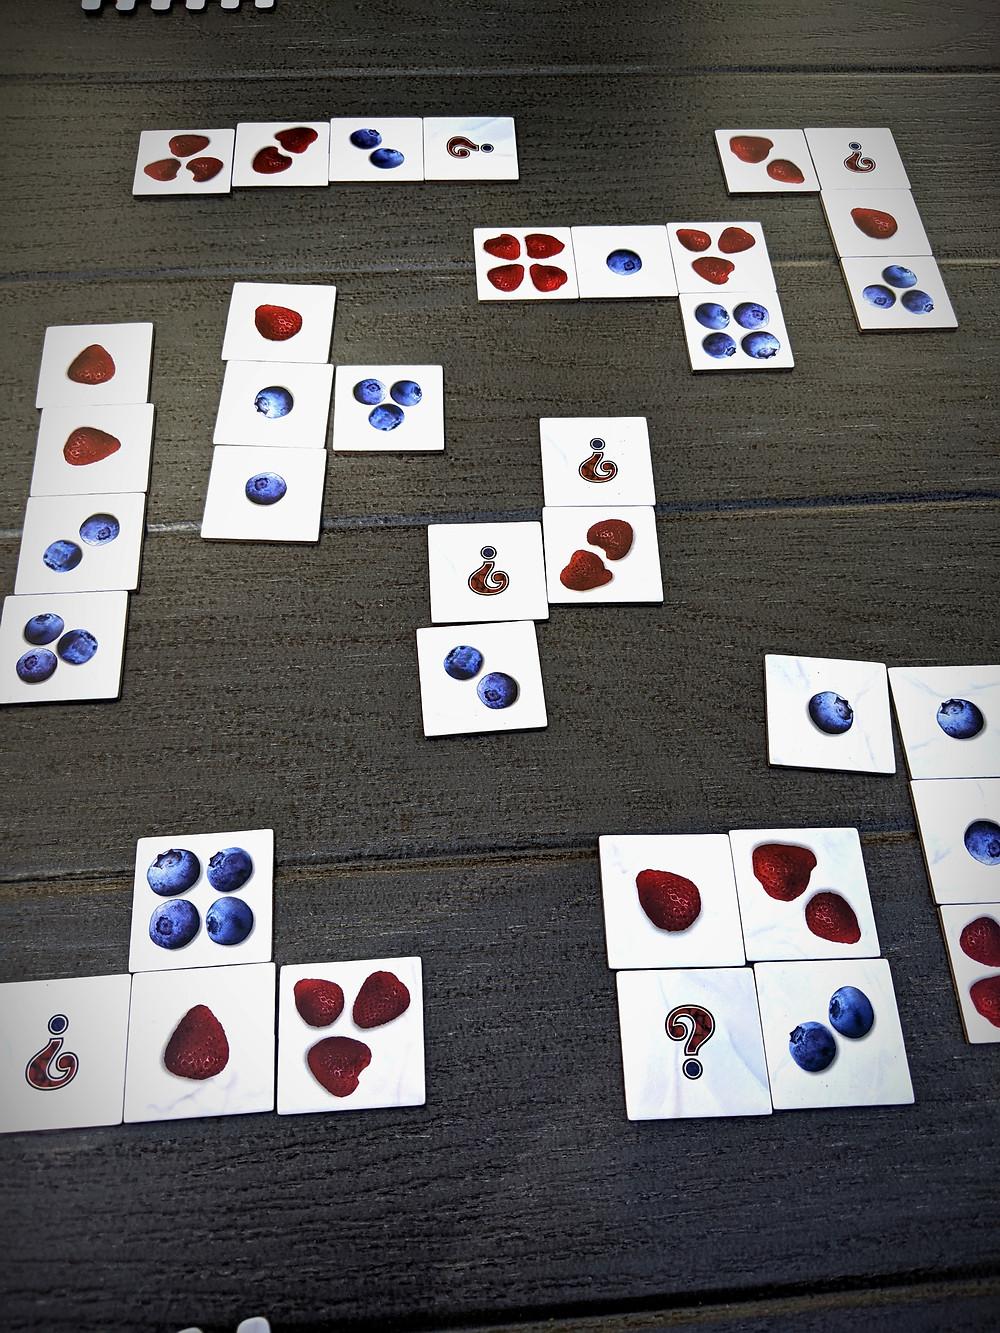 Berrymandering tiles combined